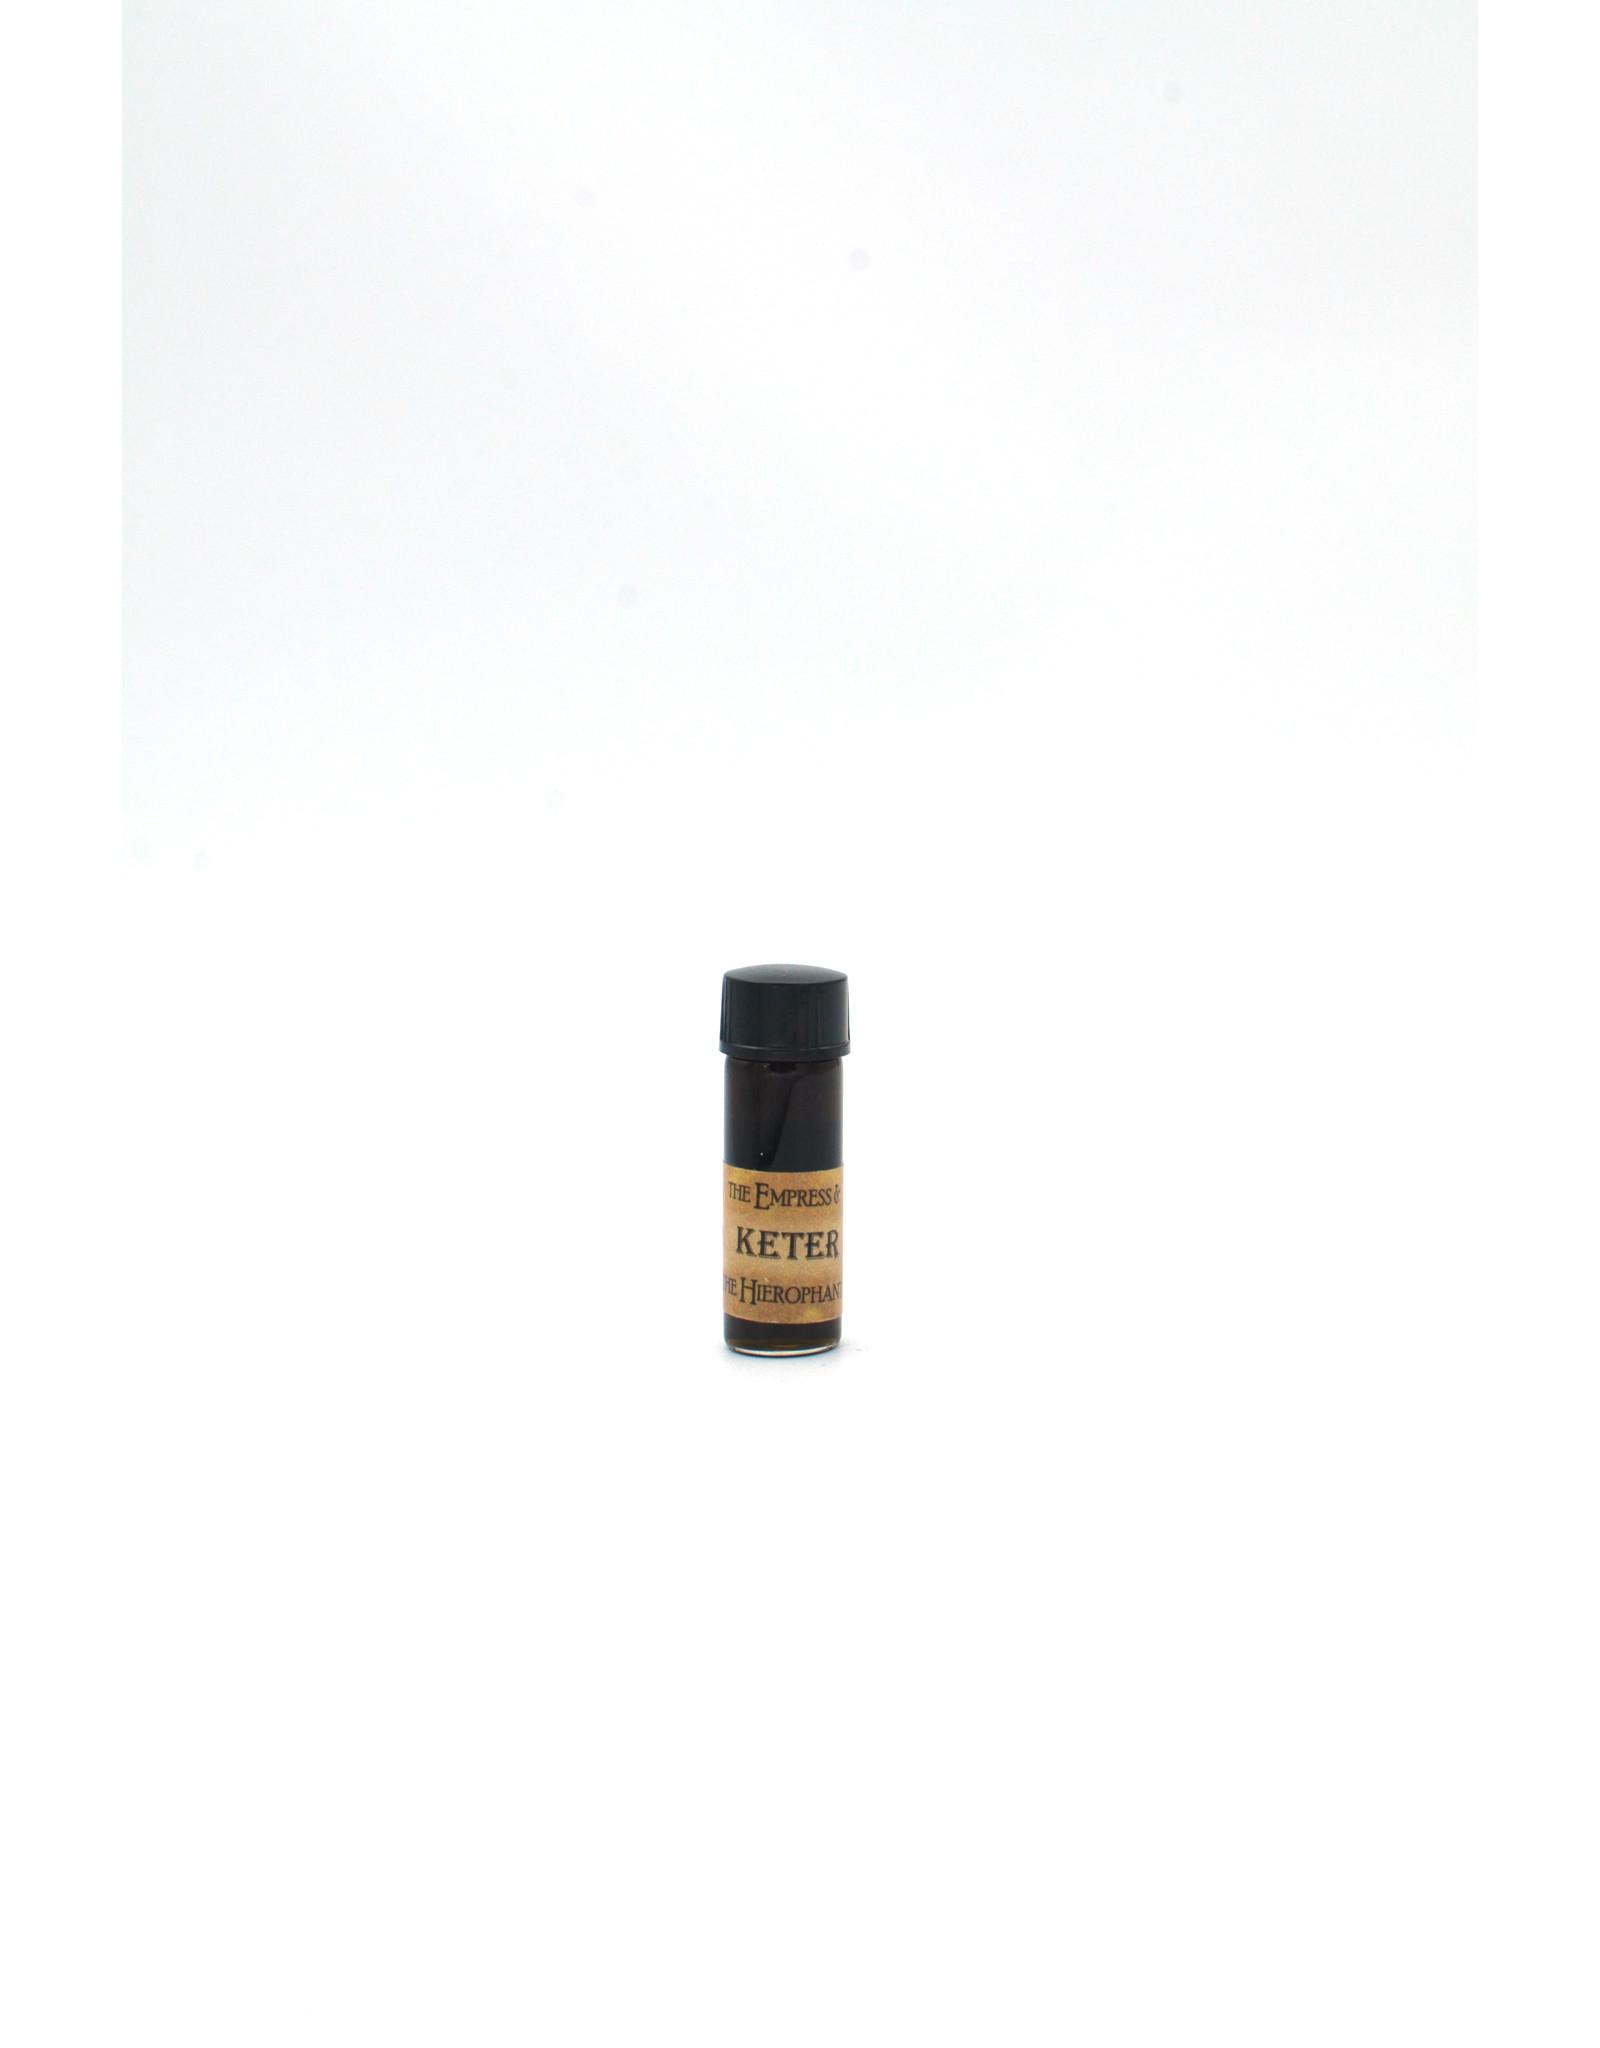 Kether Magickal Oil 1 Dram Bottle